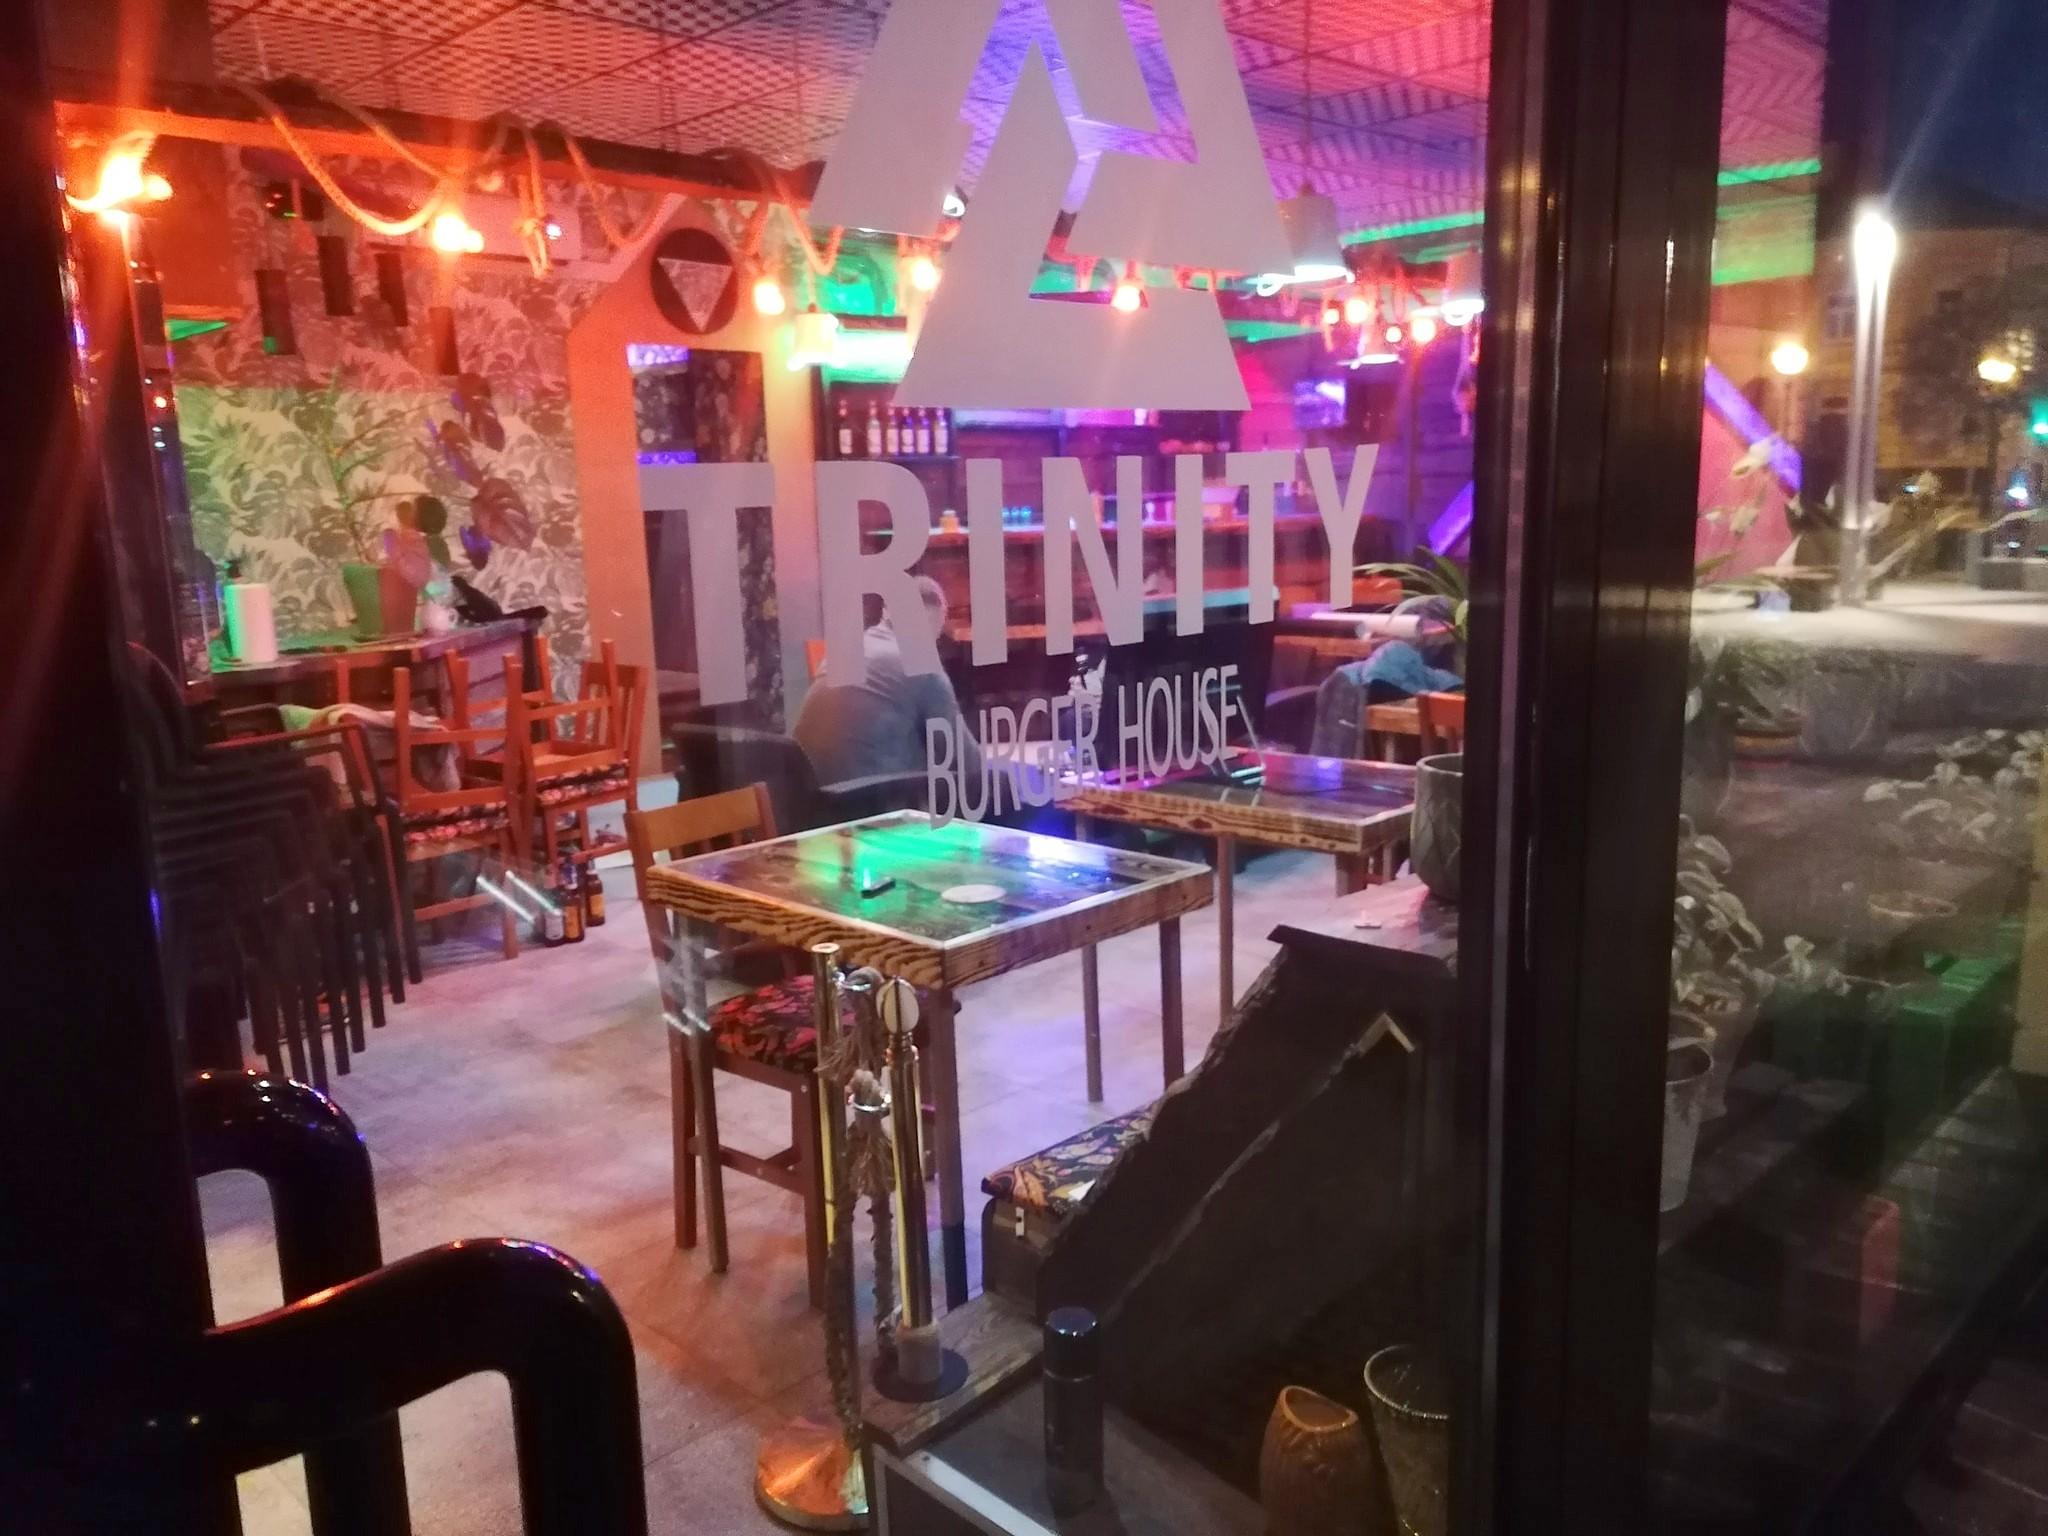 Otworzyli burgerownię w Płocku. Wieczorem interweniowała policja - Zdjęcie główne